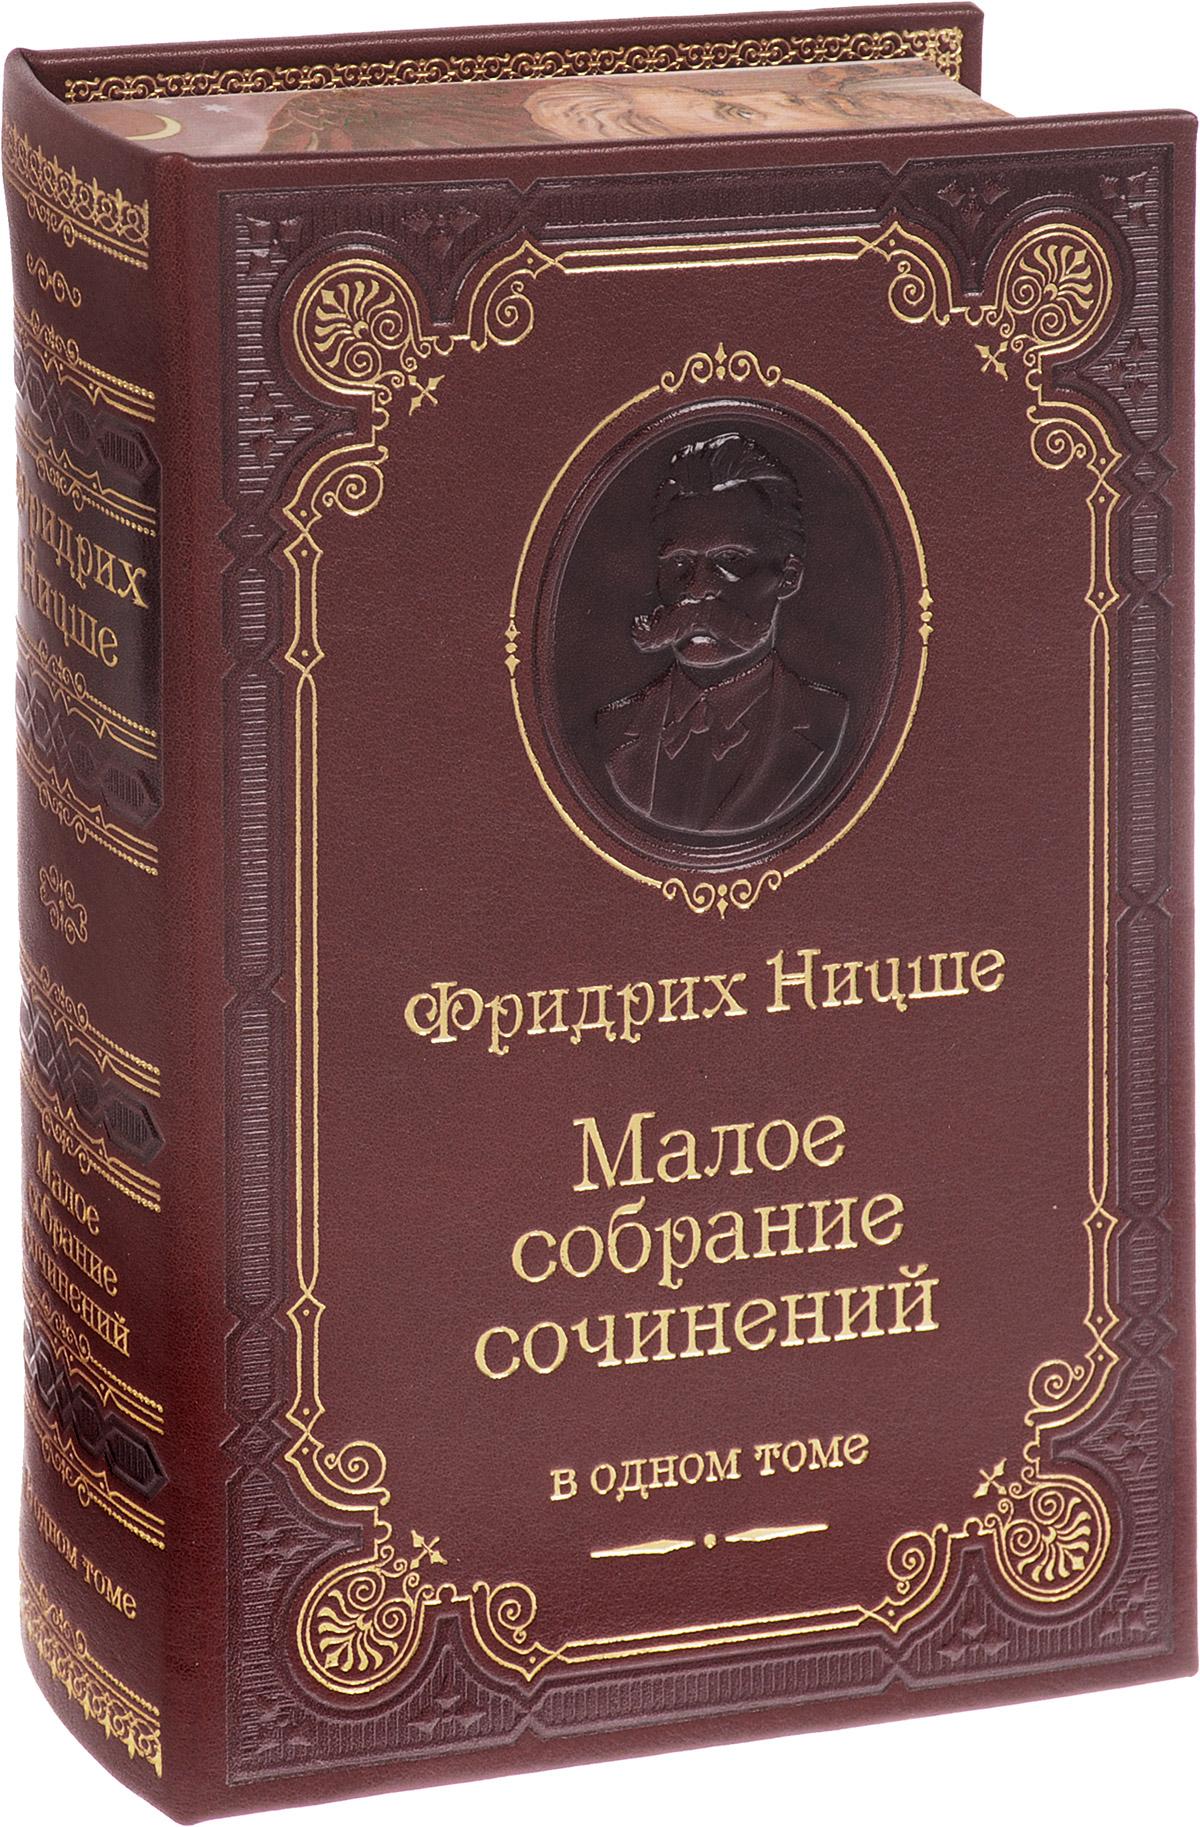 Фридрих Ницше Малое собрание сочинений (подарочное издание)